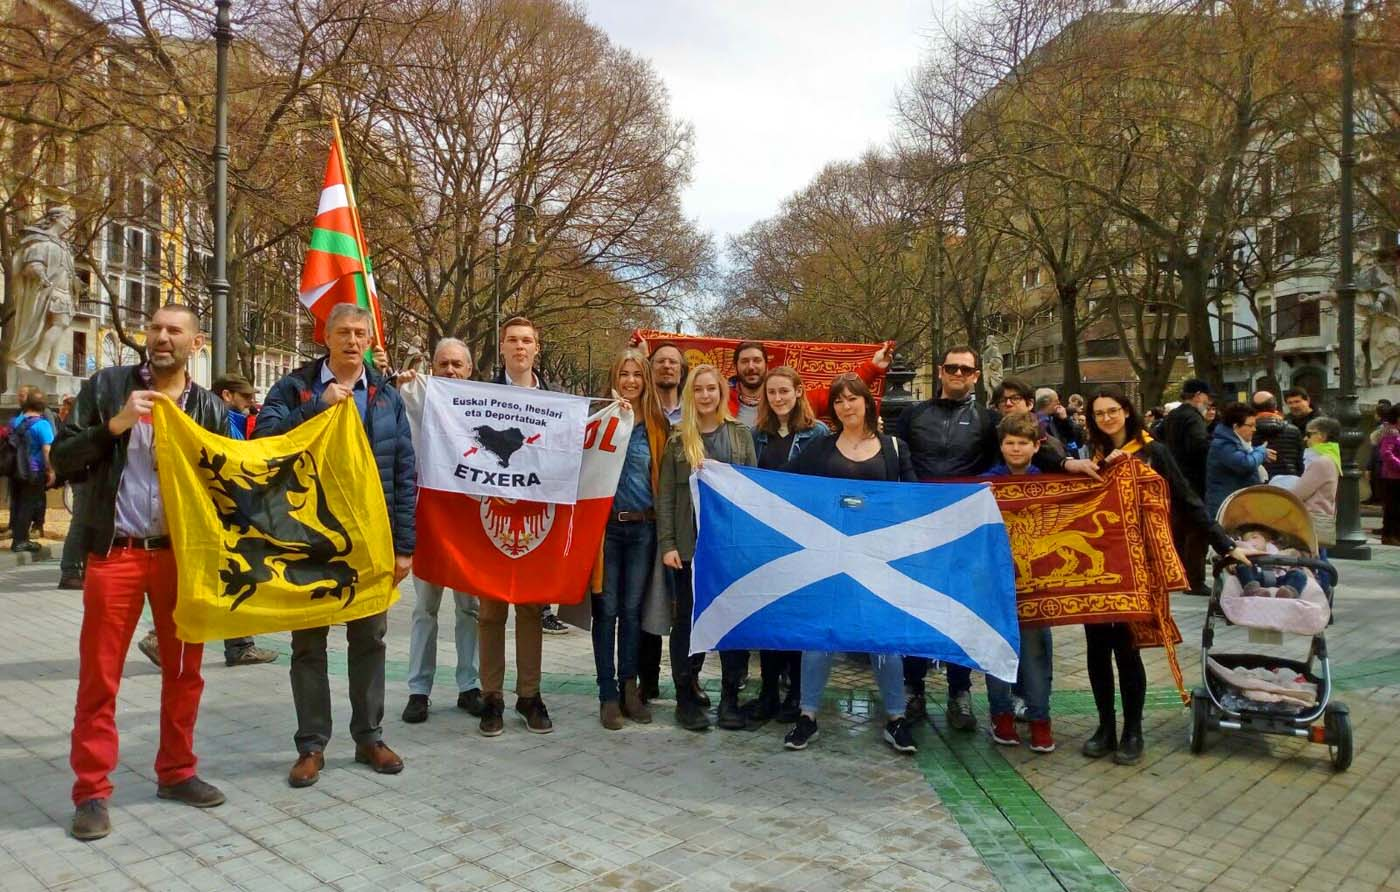 Großkundgebung im Baskenland